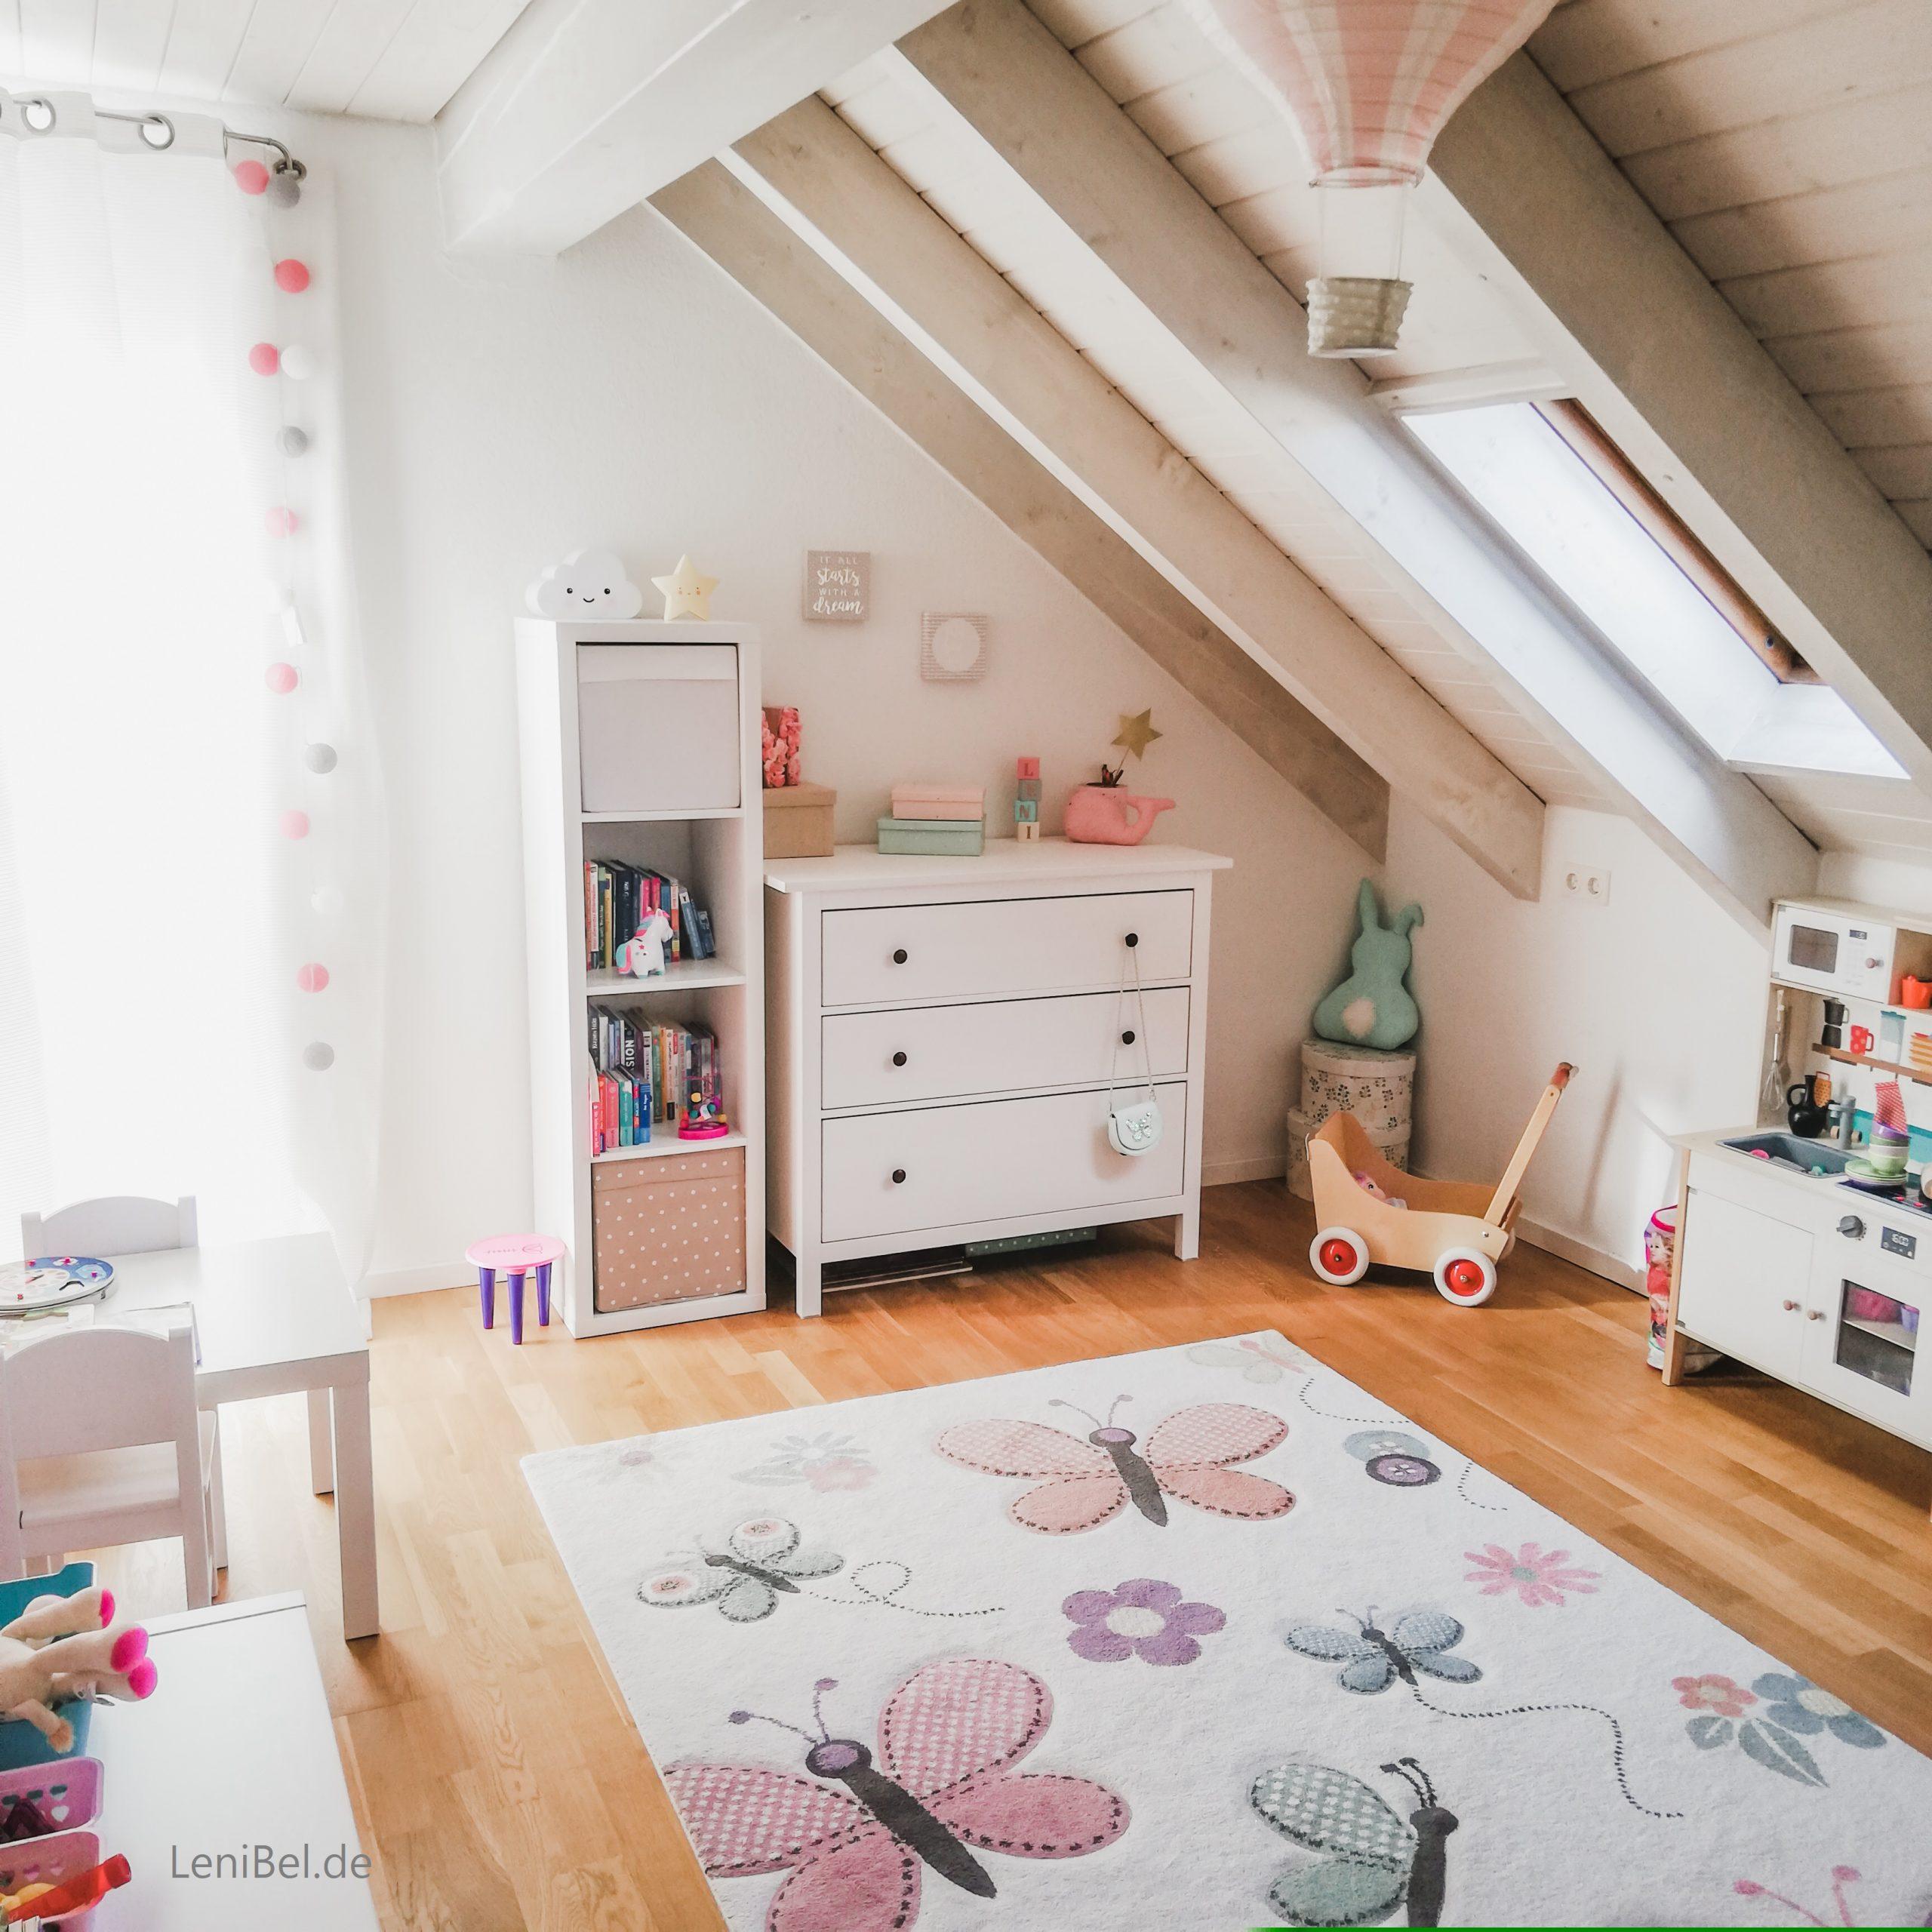 Kinderzimmer Einrichten 10 Tipps Und Ideen Fur Die Gestaltung